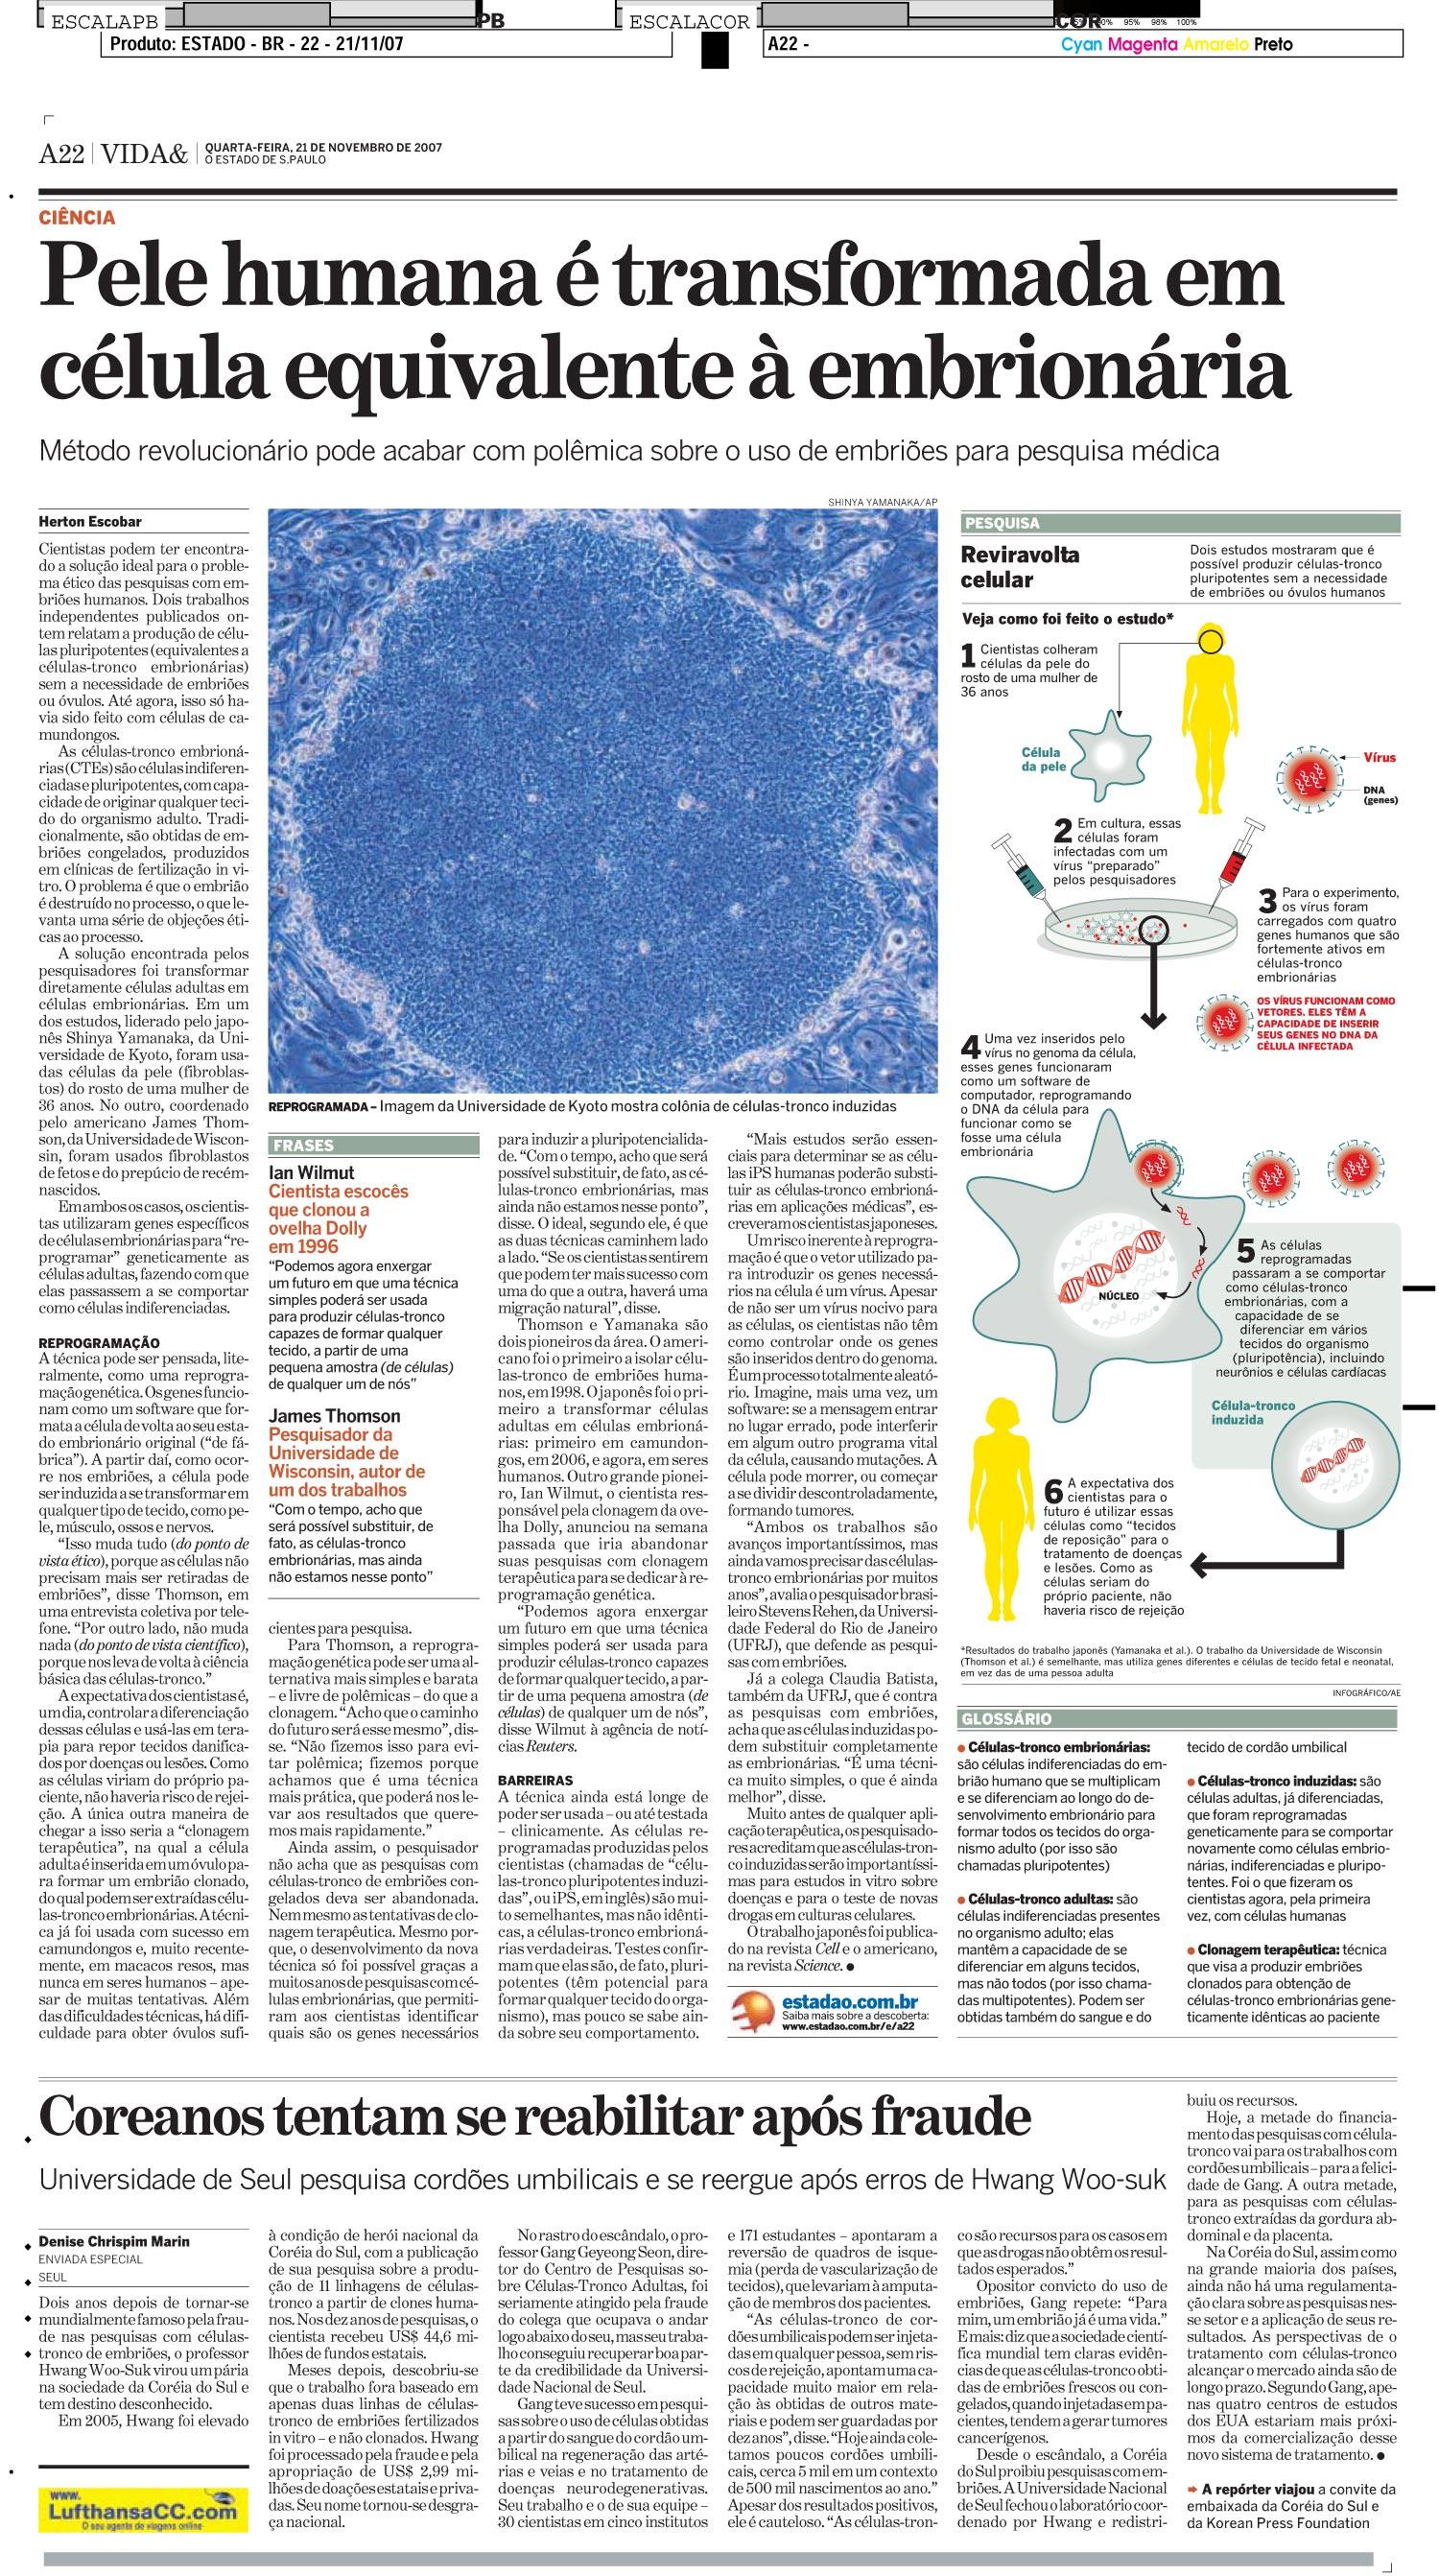 Pele humana é transformada em célula equivalente à embrionária